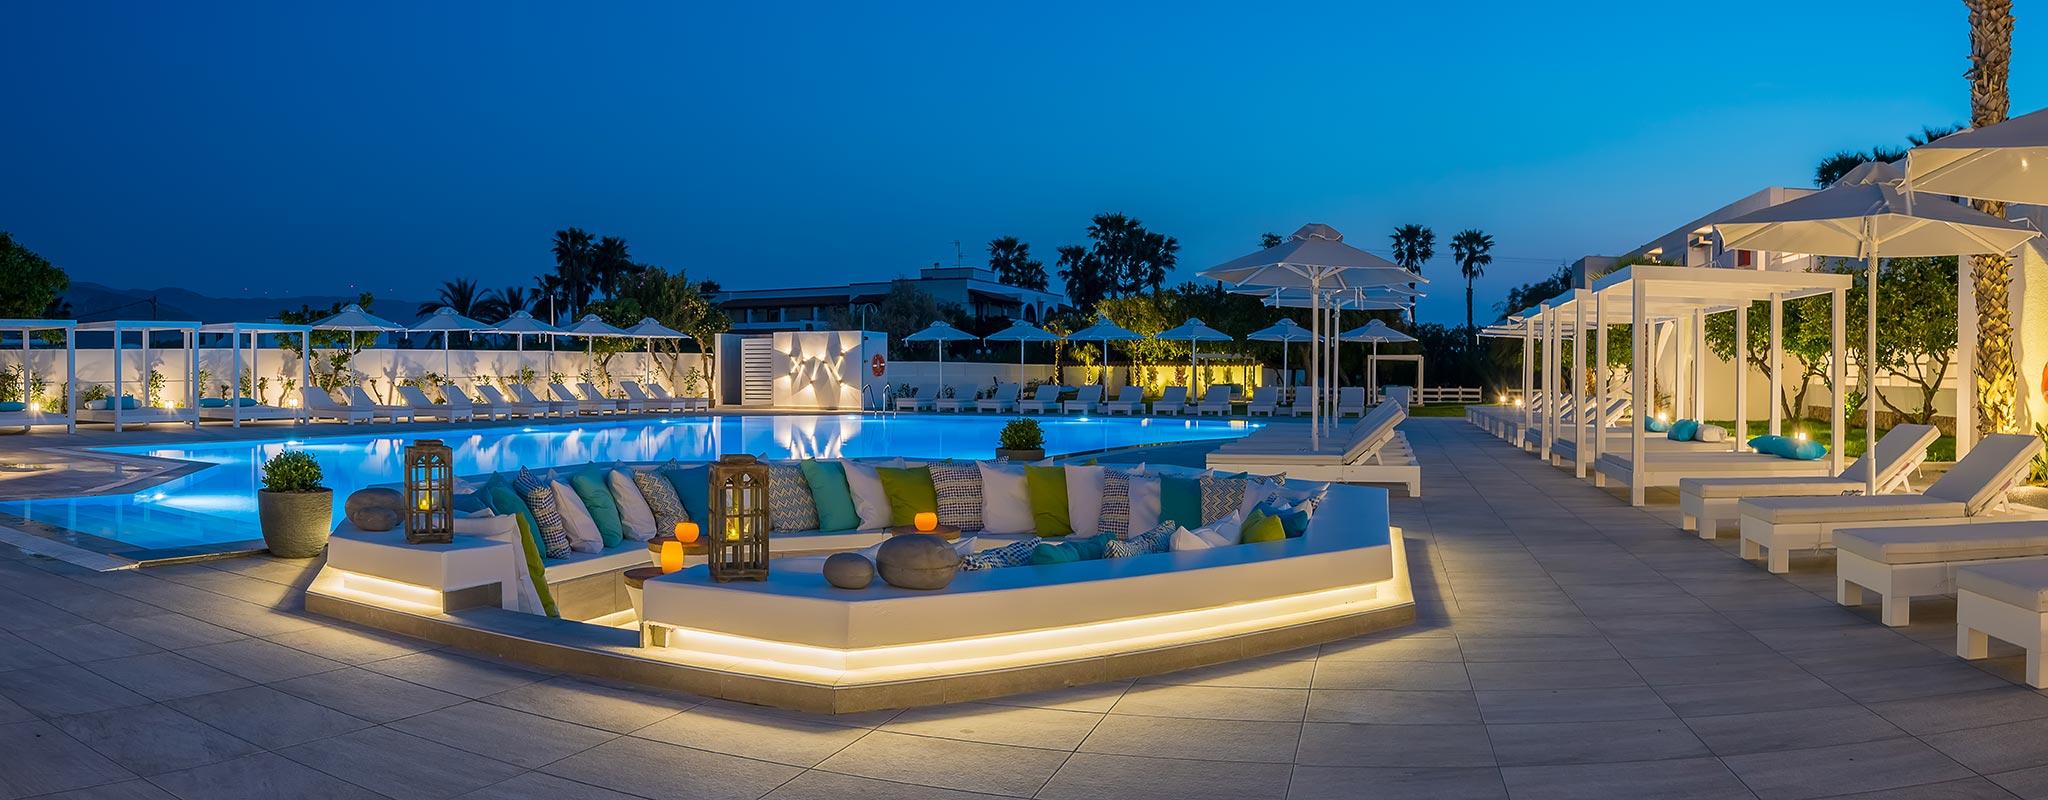 Gaia garden hotel kos booking garden ftempo for Garden ranch ymca pool